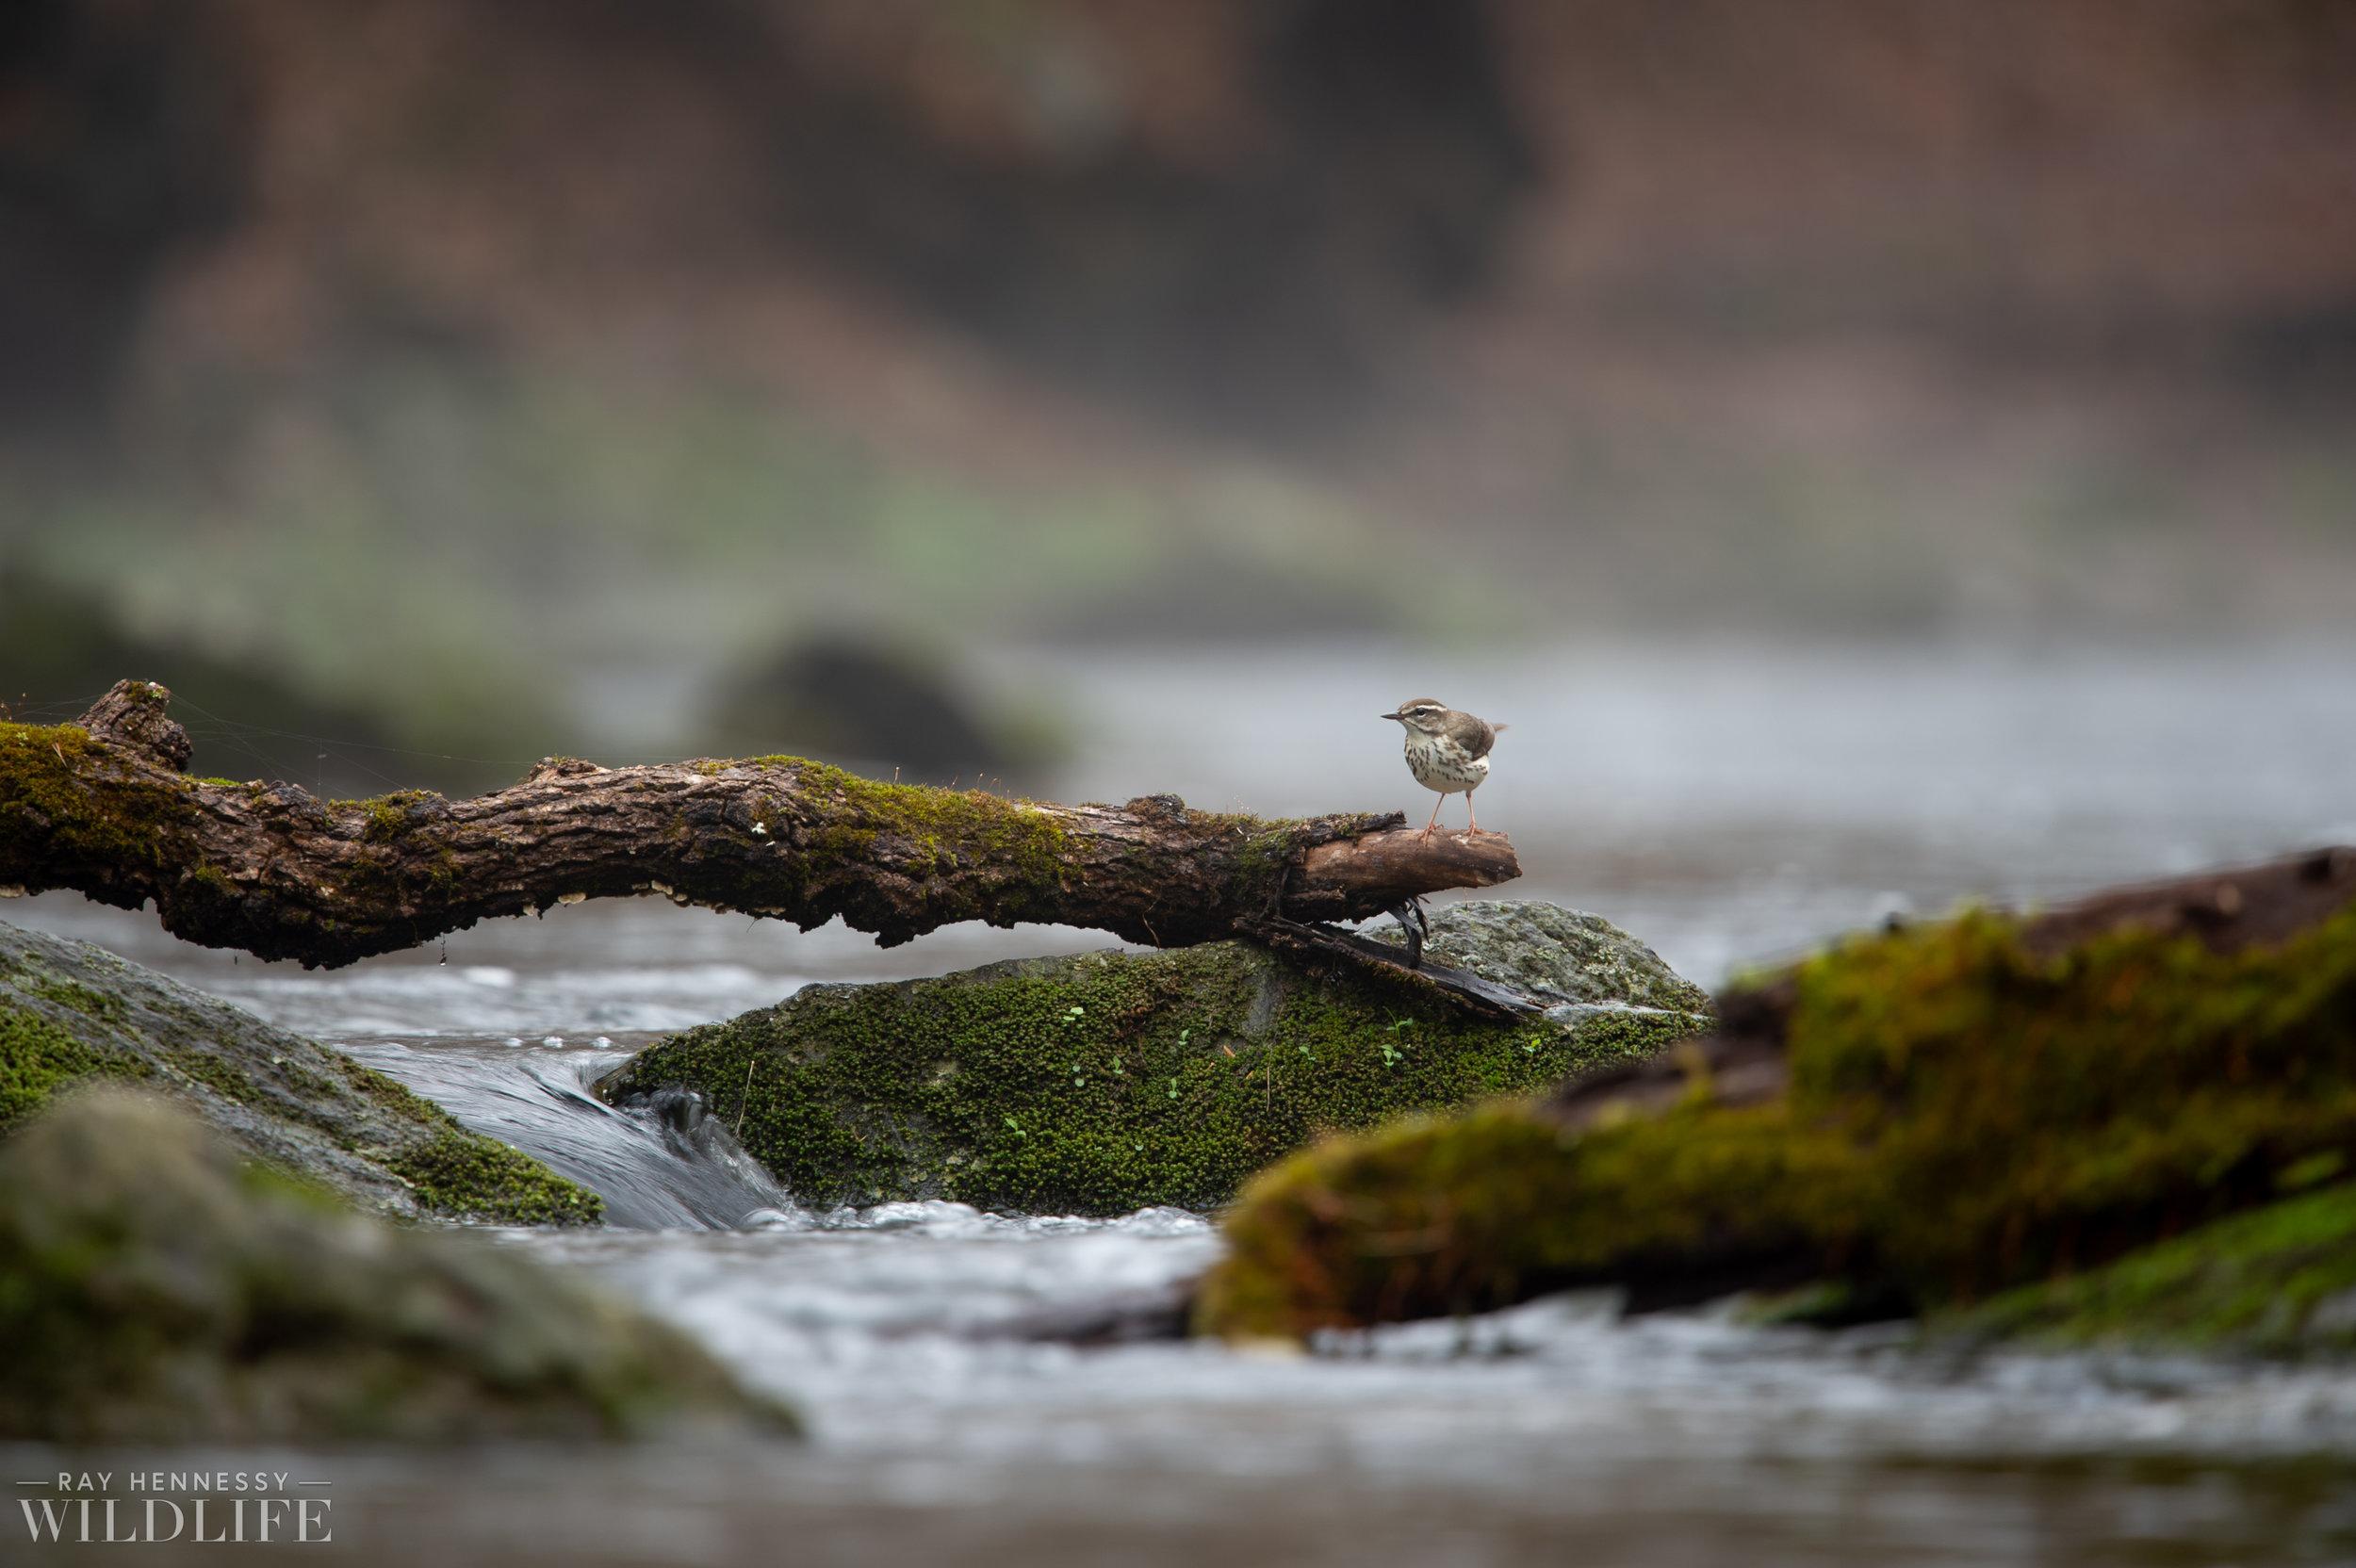 003_louisiana-waterthrush-pine-warbler.jpg